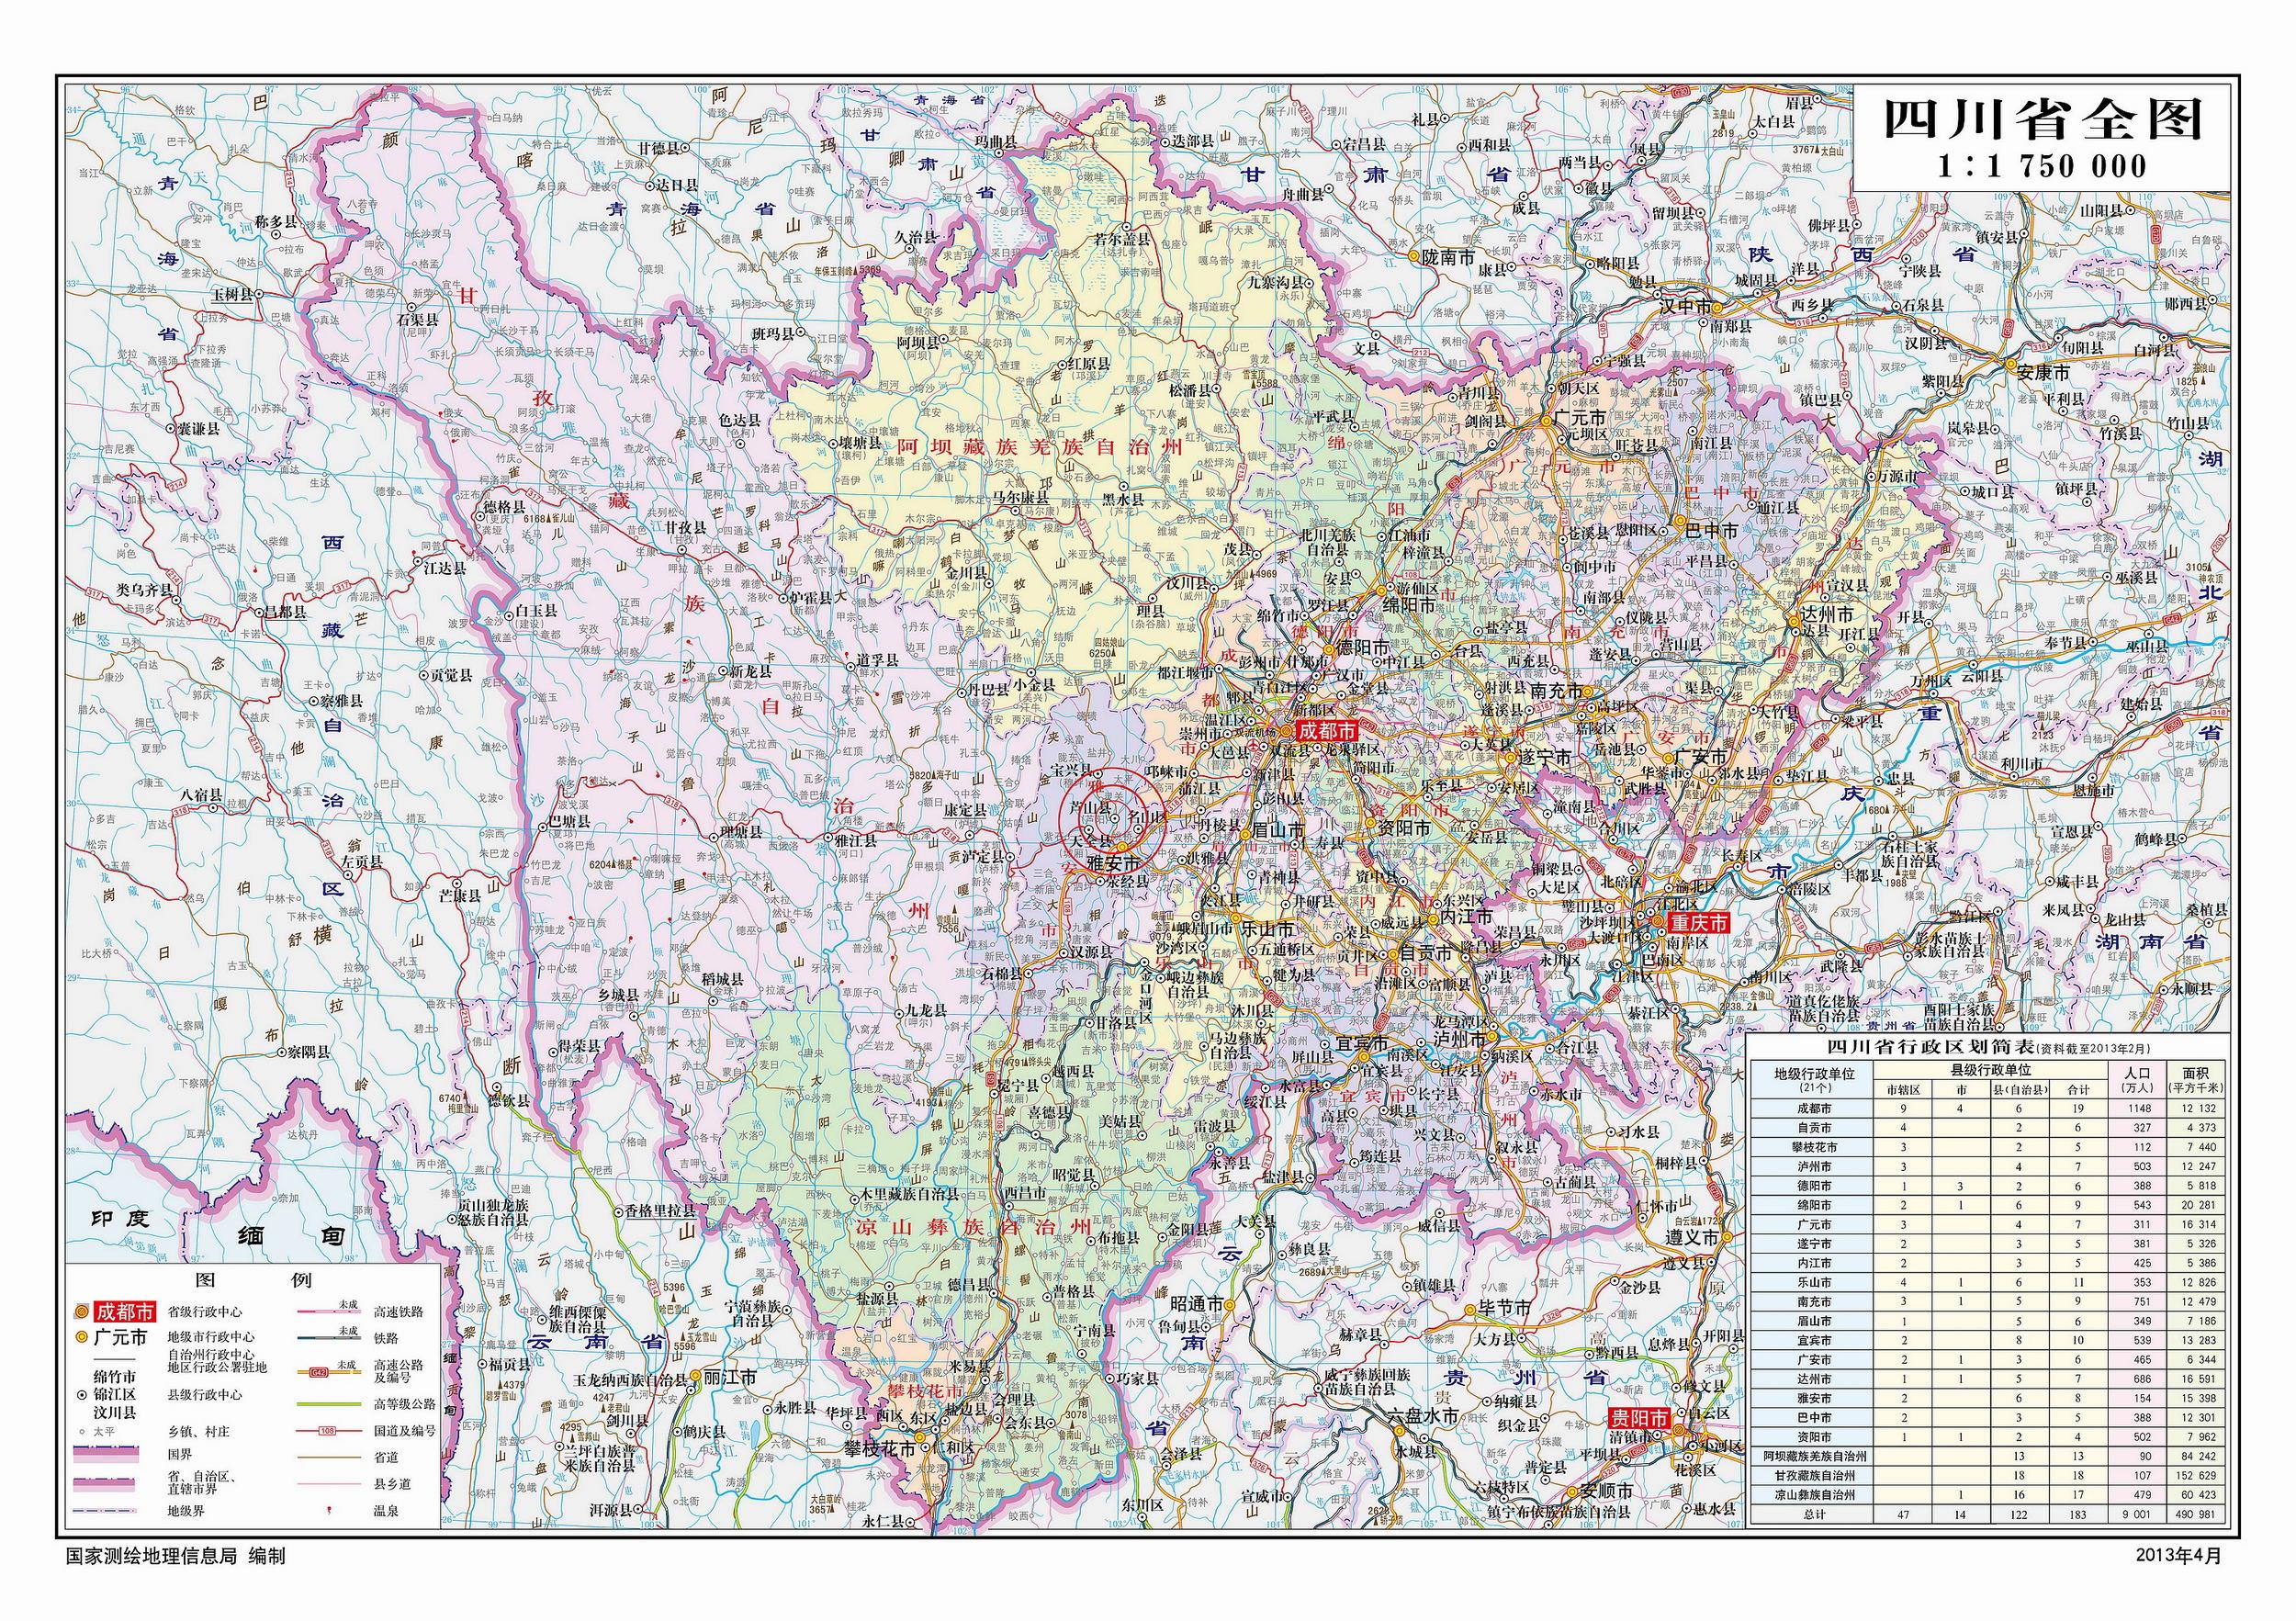 四川雅安地震高清地图